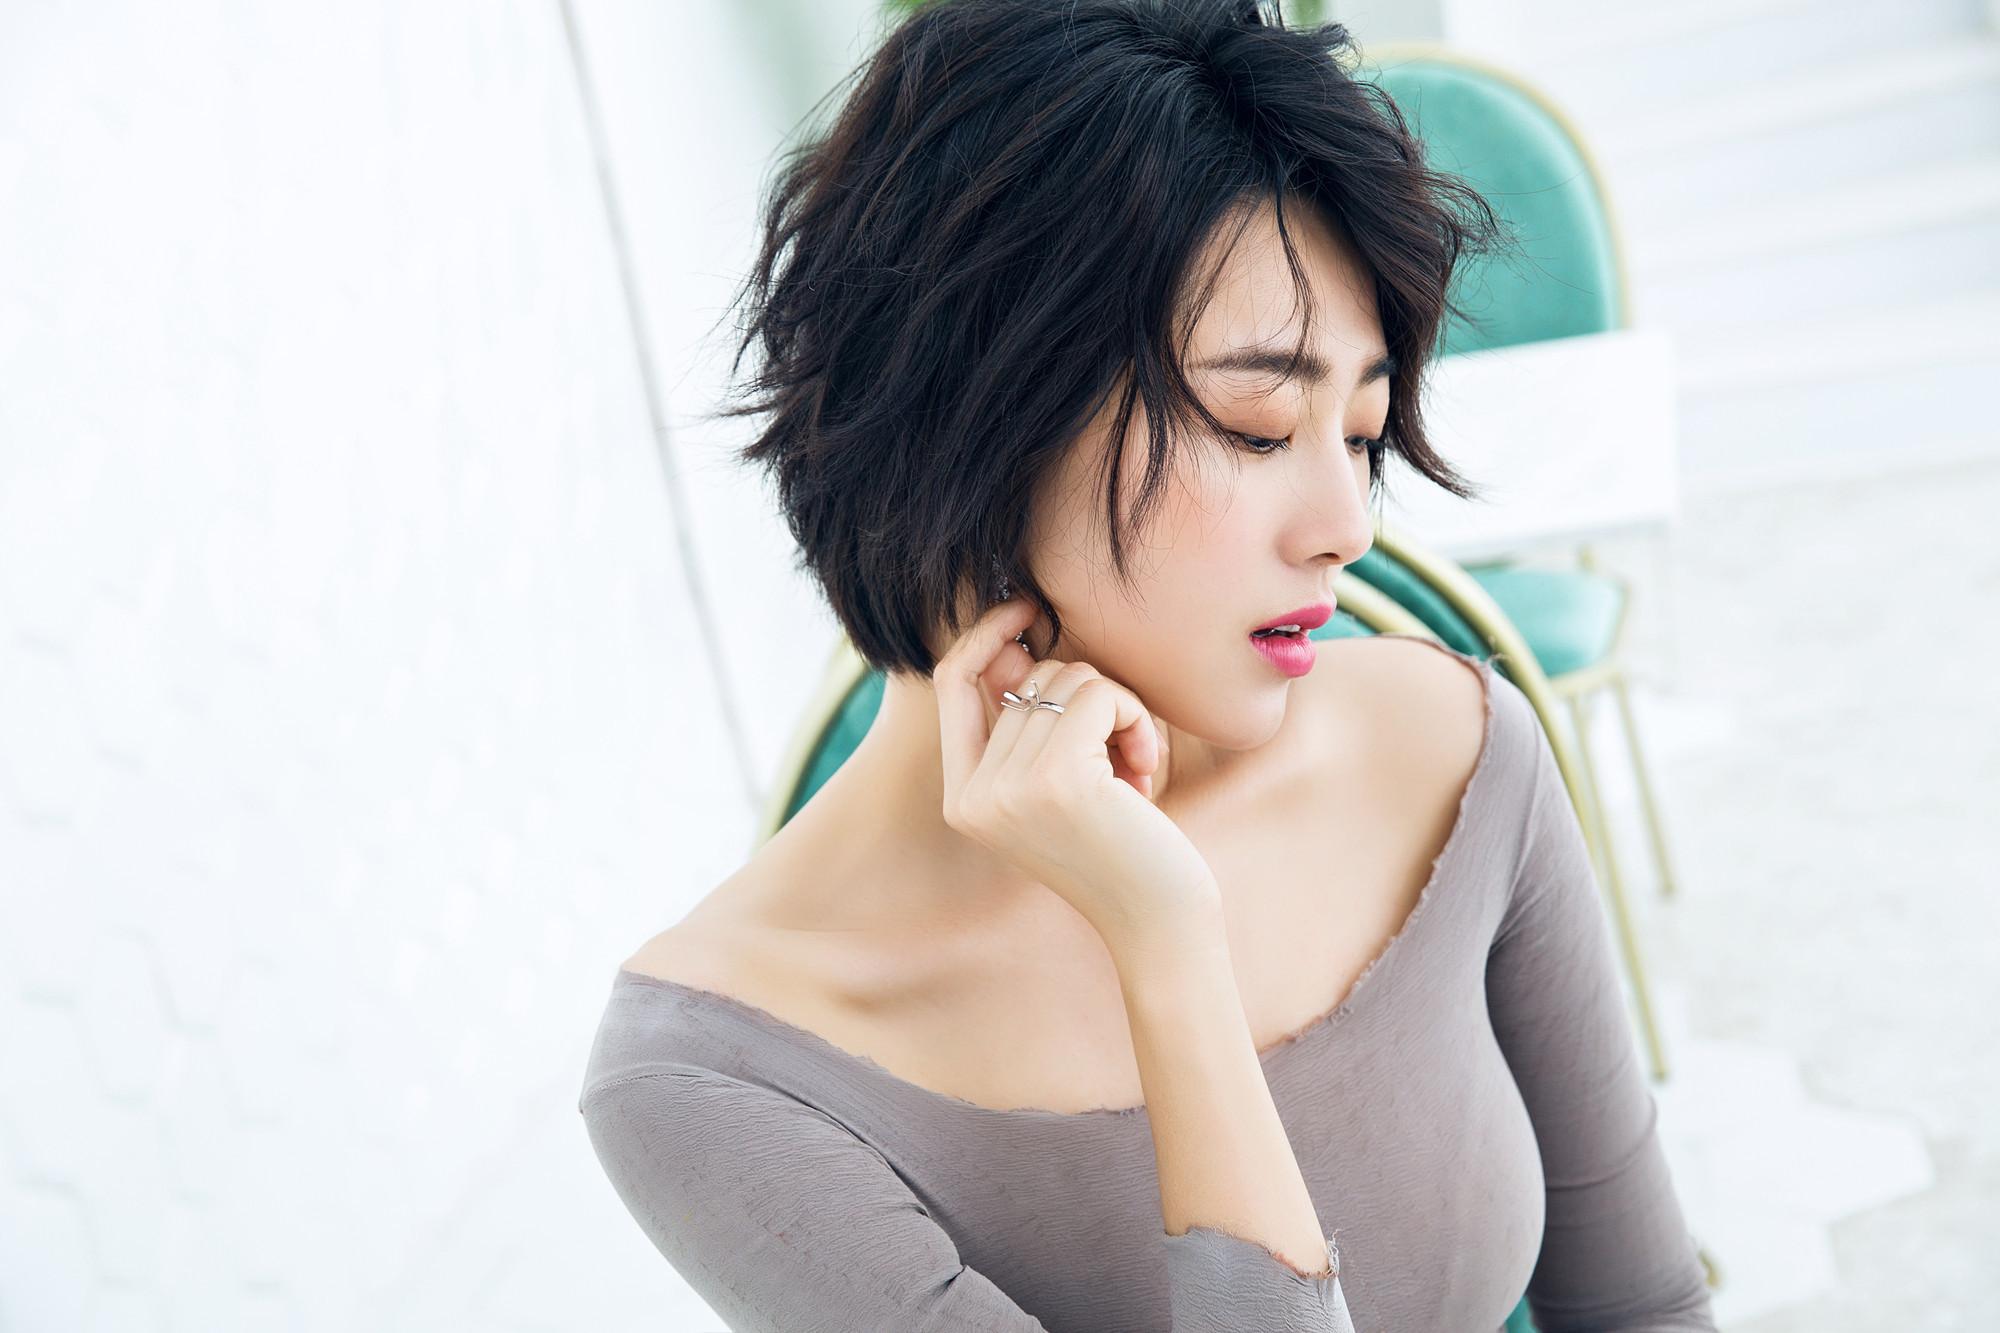 演员孟真俏丽短发妩媚动人灰色长裙..